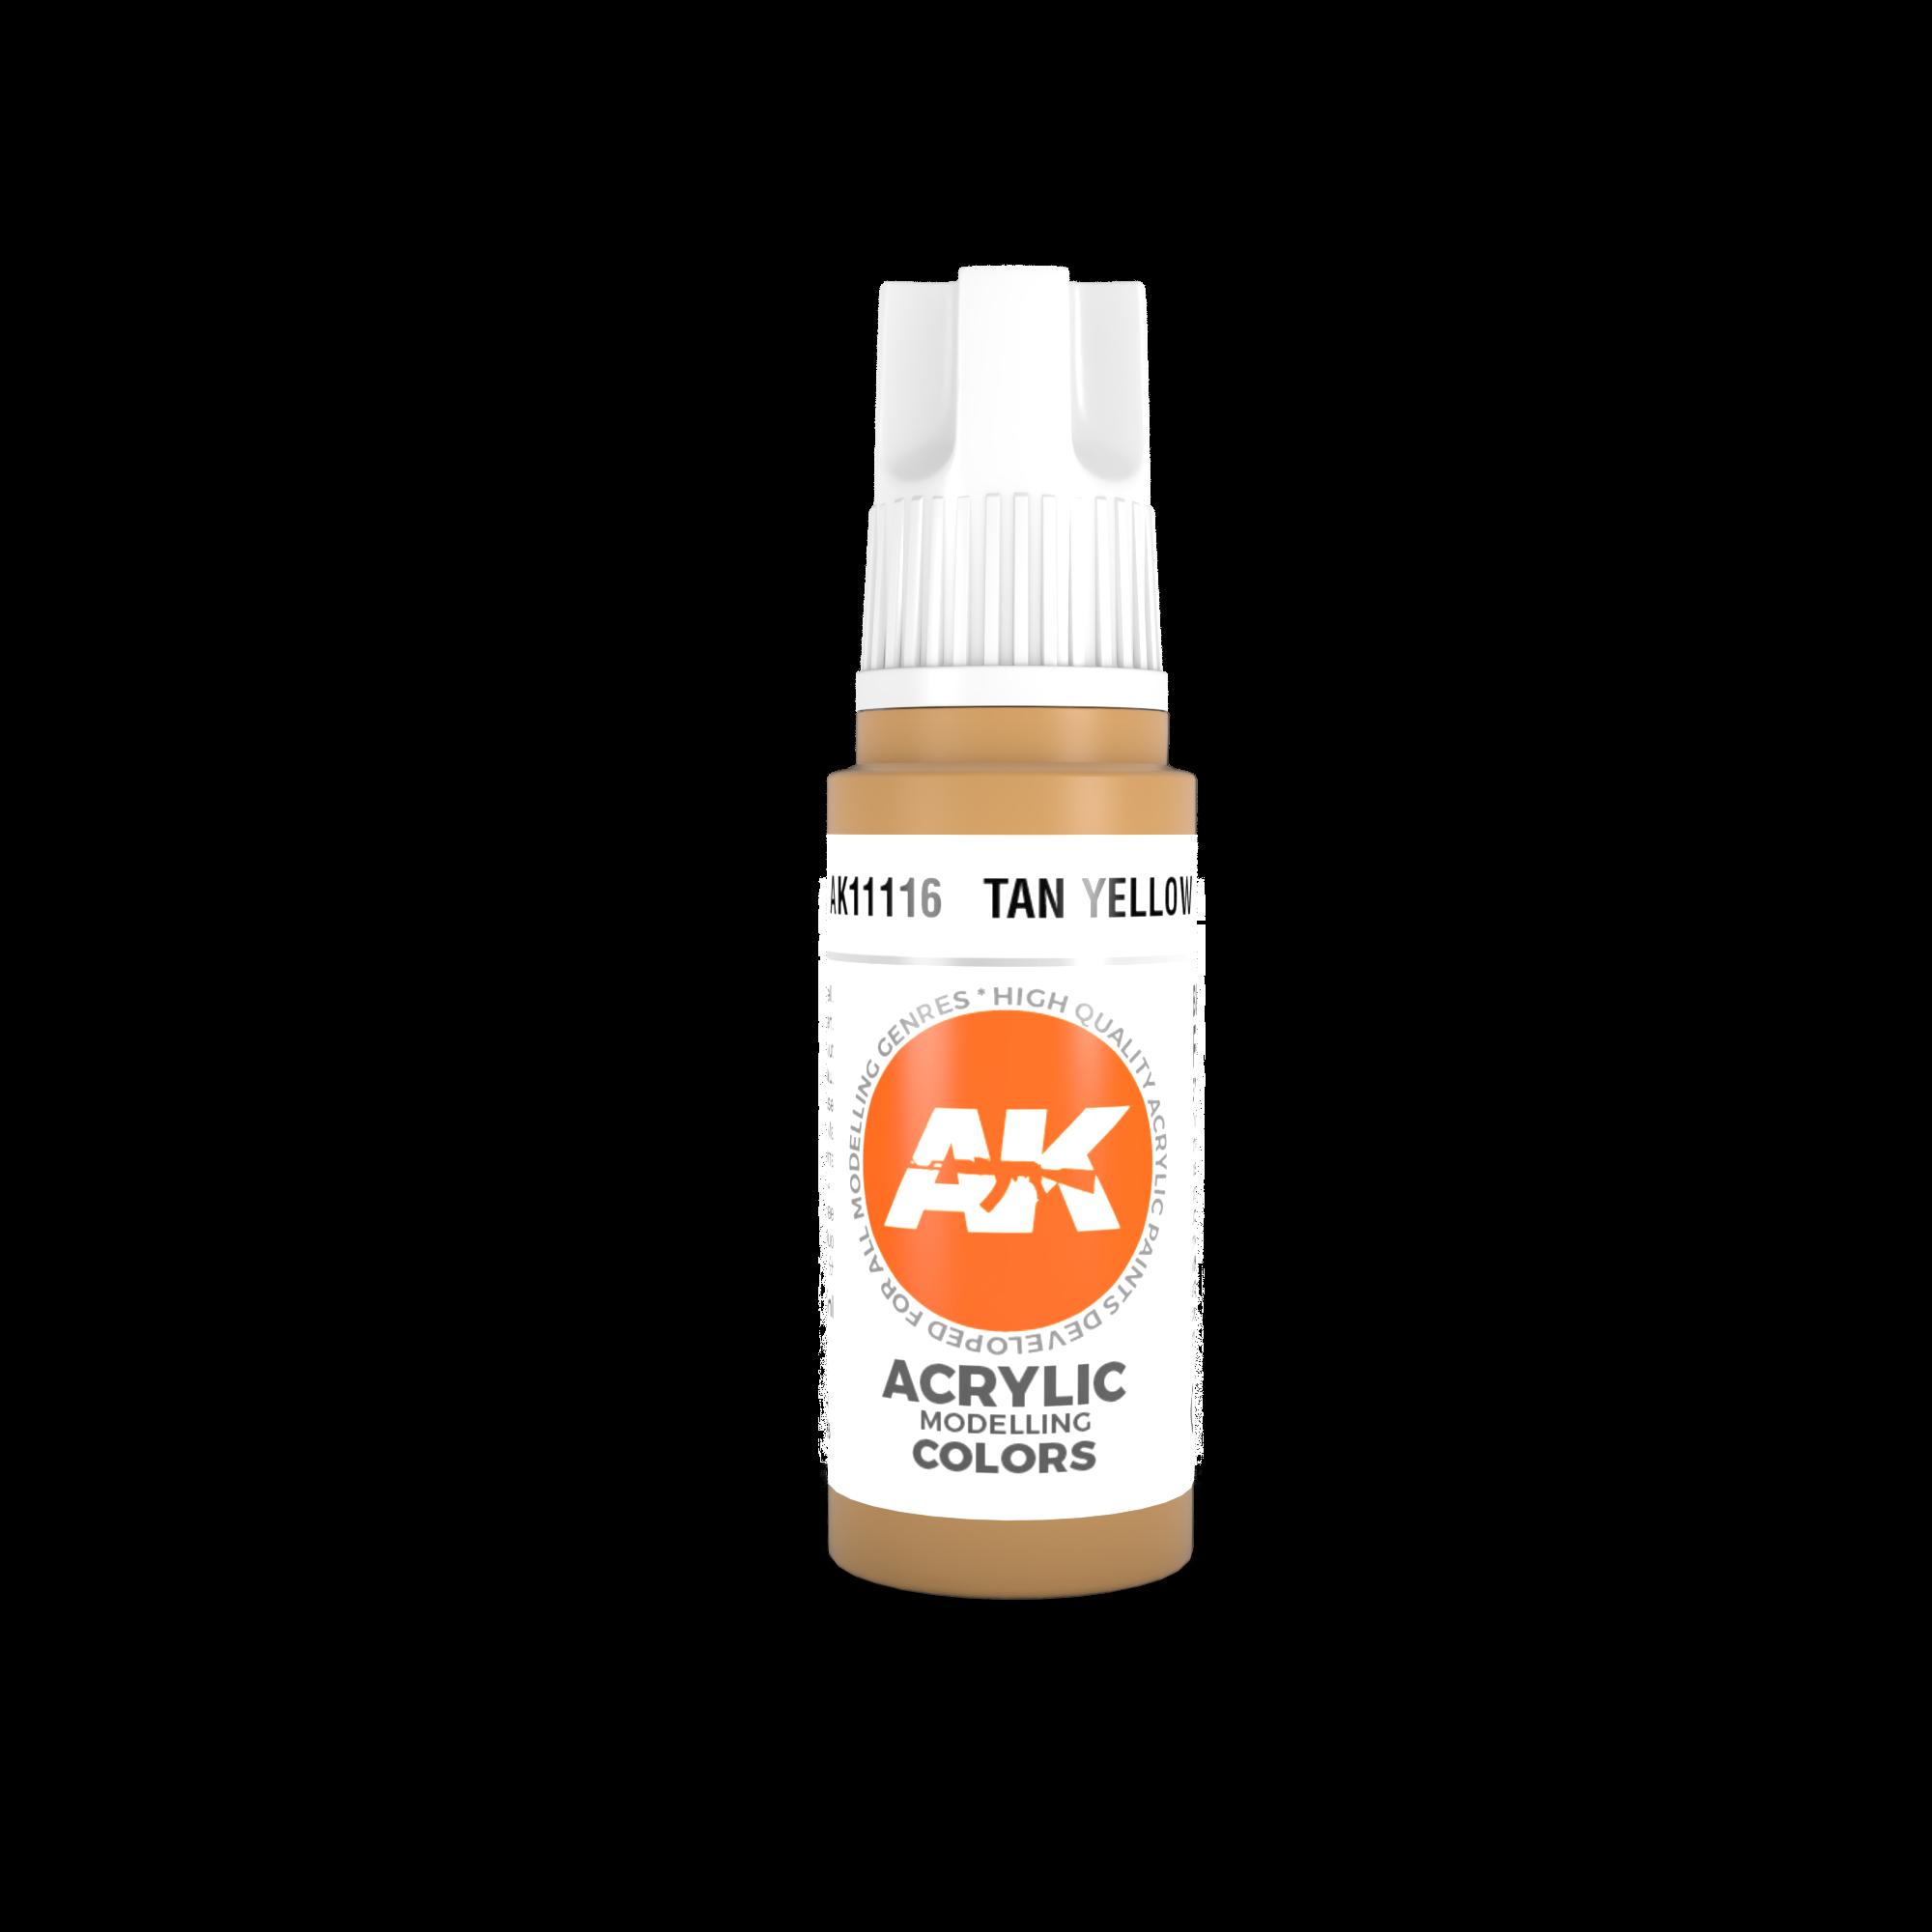 AK-Interactive Tan Yellow Acrylic Modelling Color - 17ml - AK-11116